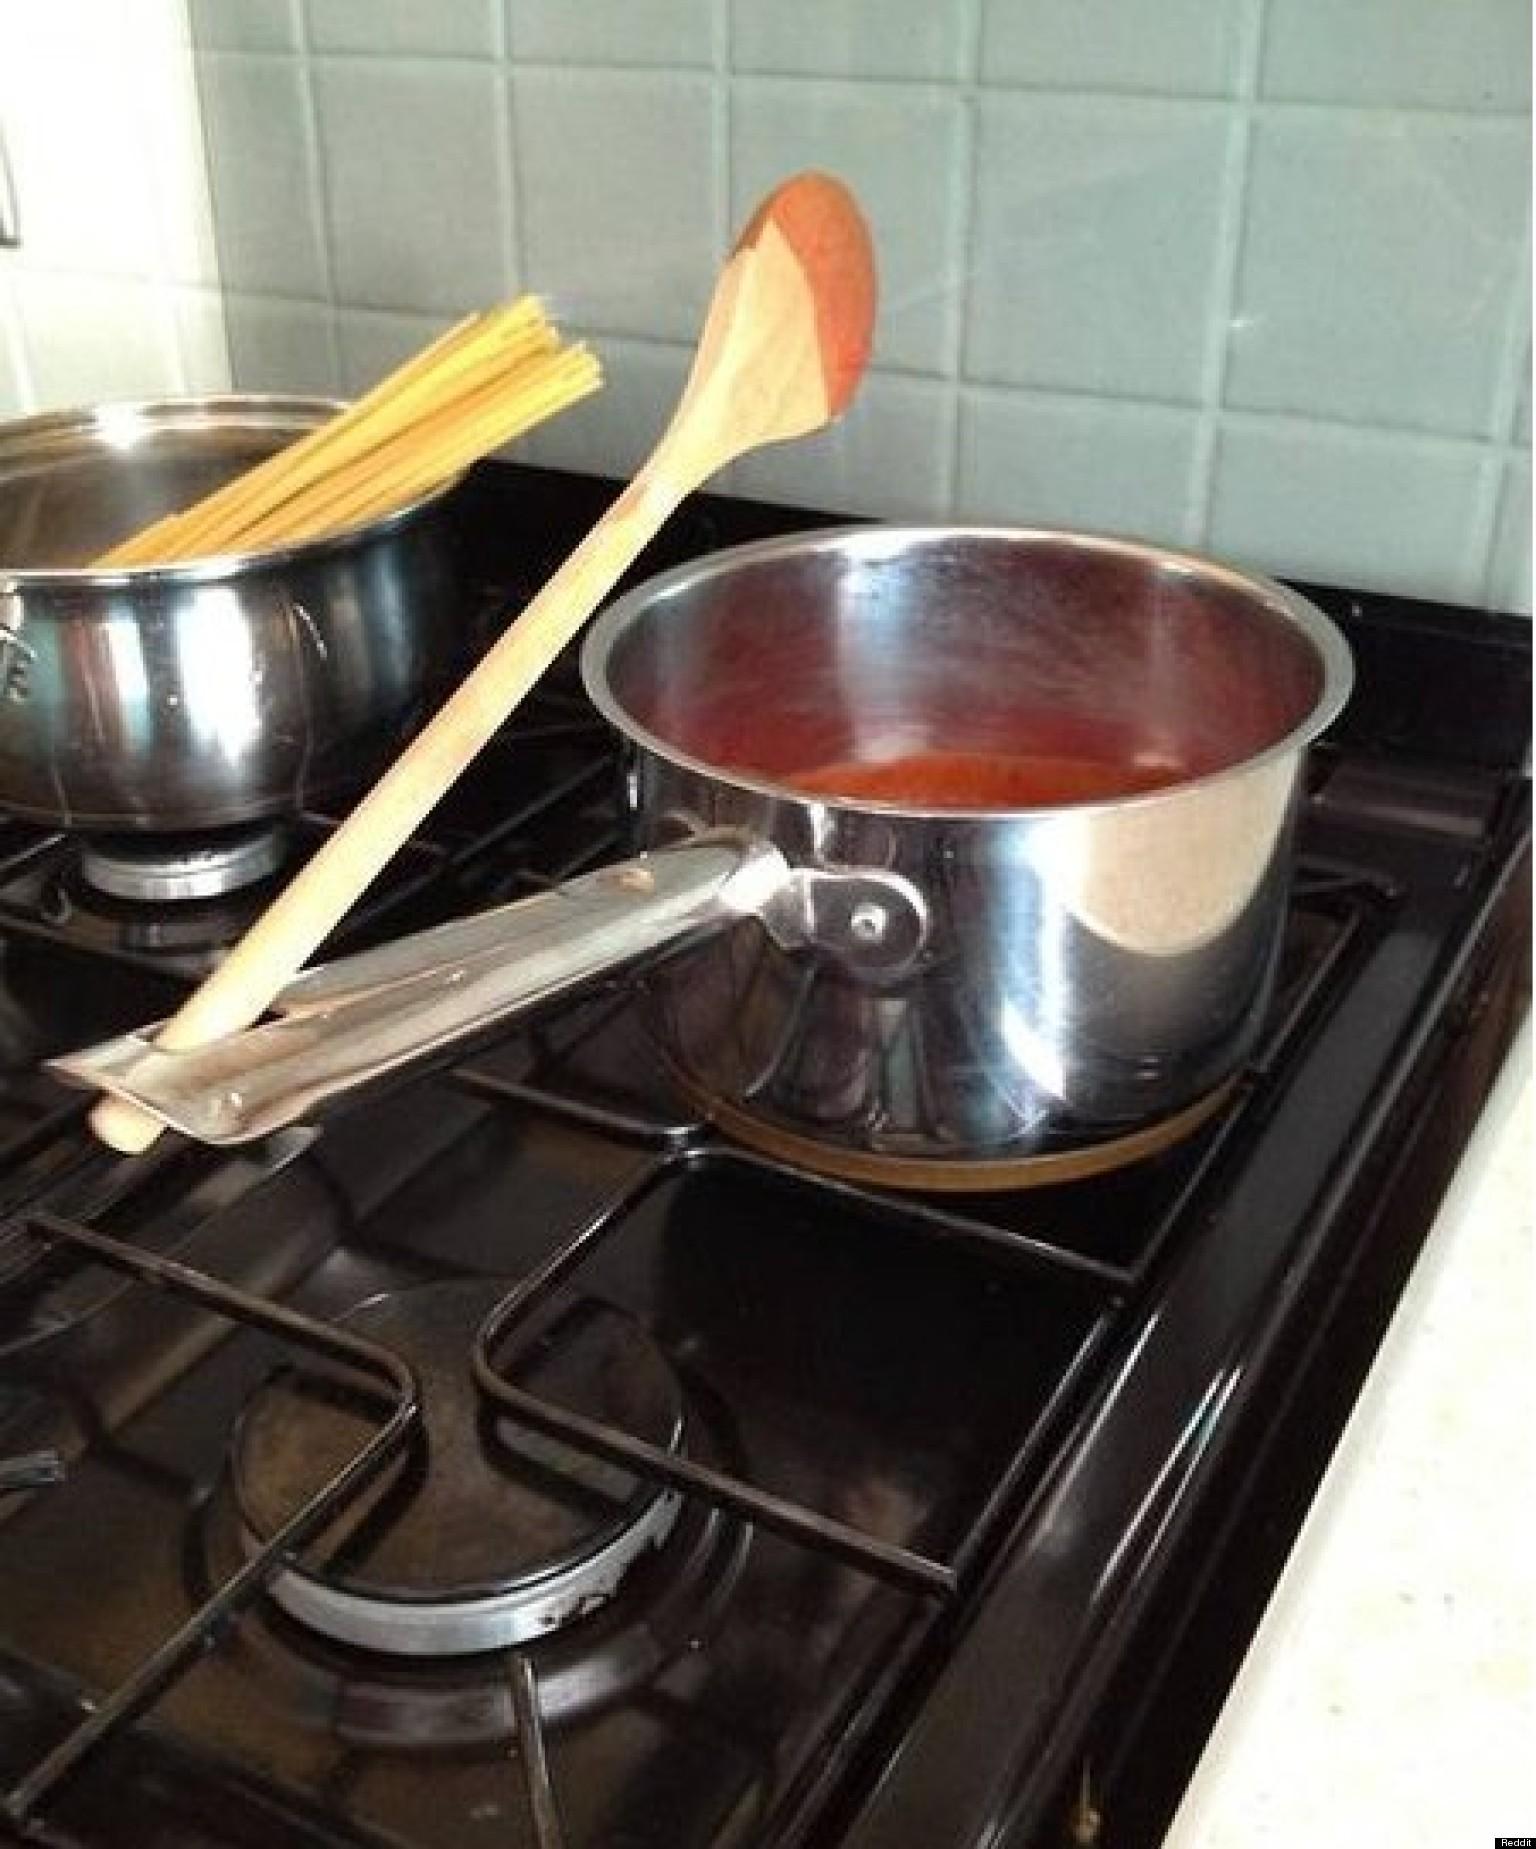 Cuisine facile 20 trucs et astuces pour bien se for Astuce cuisine facile